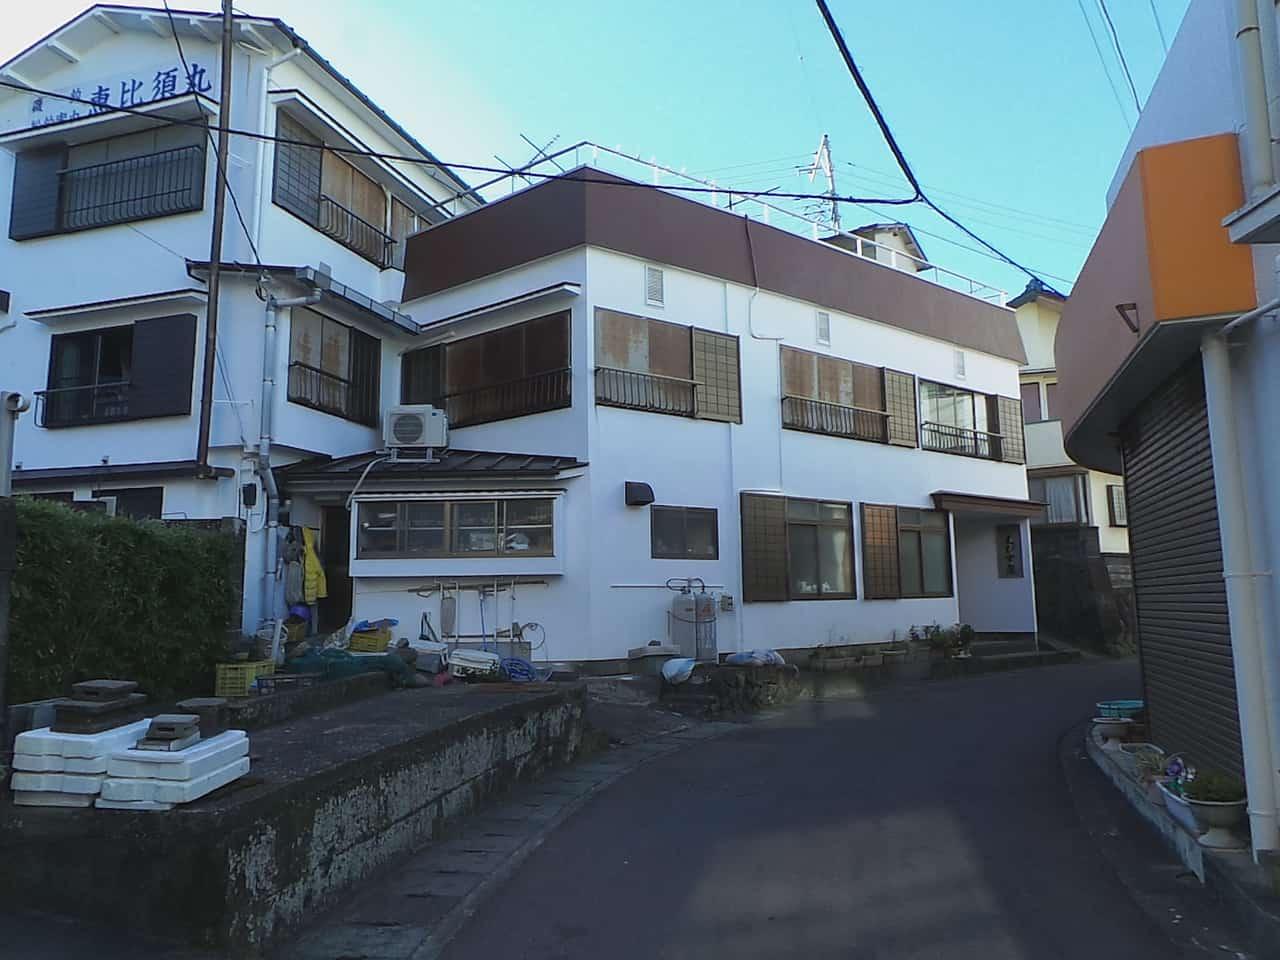 Minshuku bei Kumomi Onsen, Shizuoka, Japan